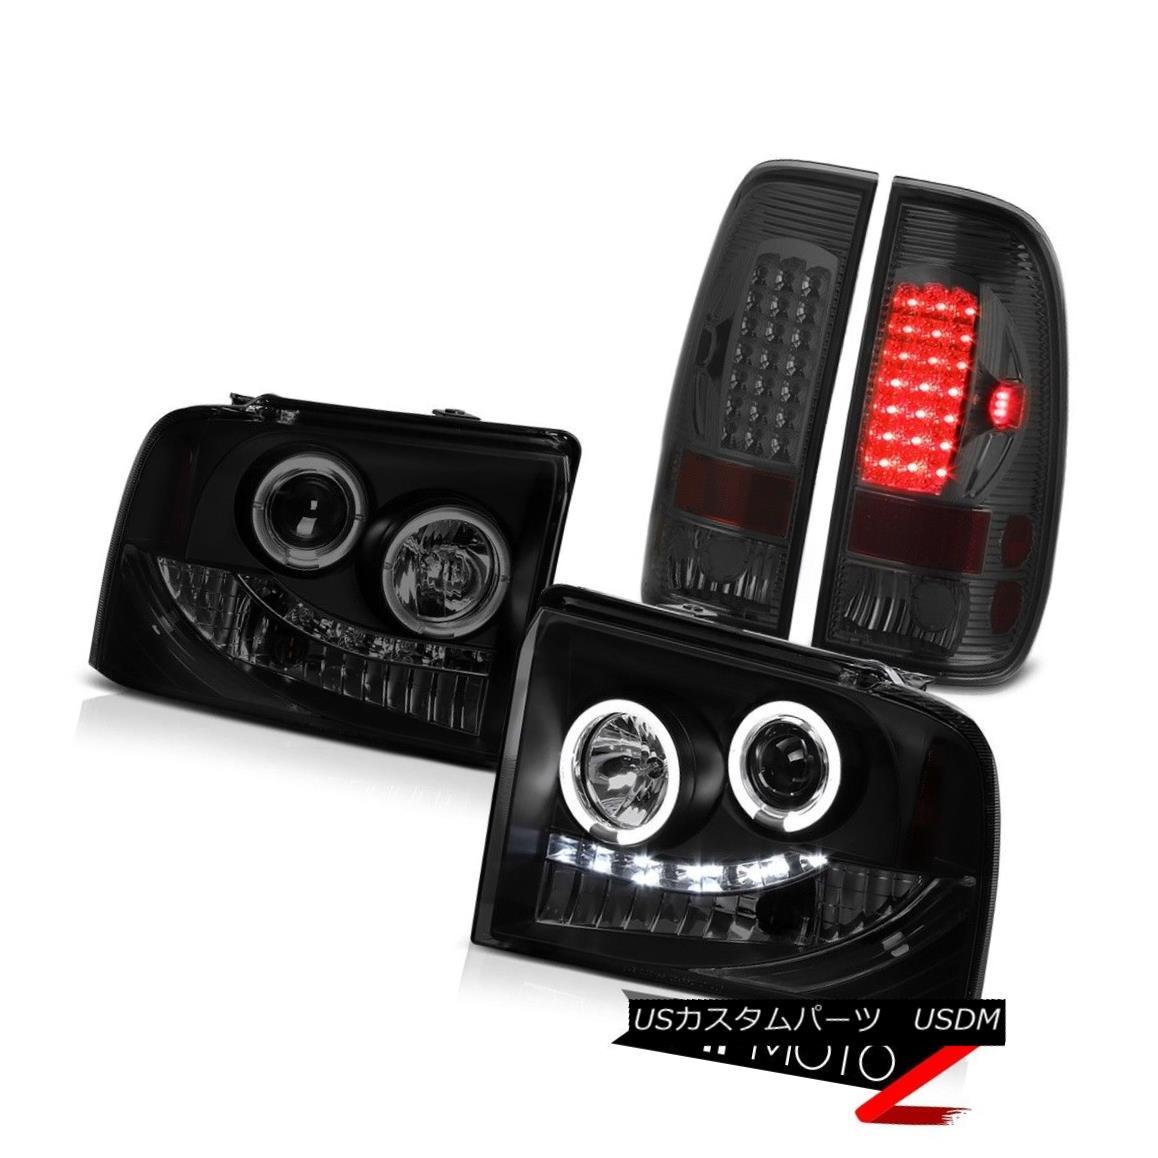 ヘッドライト Black Smoke Angel Eye Headlight Smoked LED Taillamps 05-07 Ford F350 Triton XLT ブラックスモークエンジェルアイヘッドライトスモークLEDタイルランプ05-07 Ford F350 Triton XLT